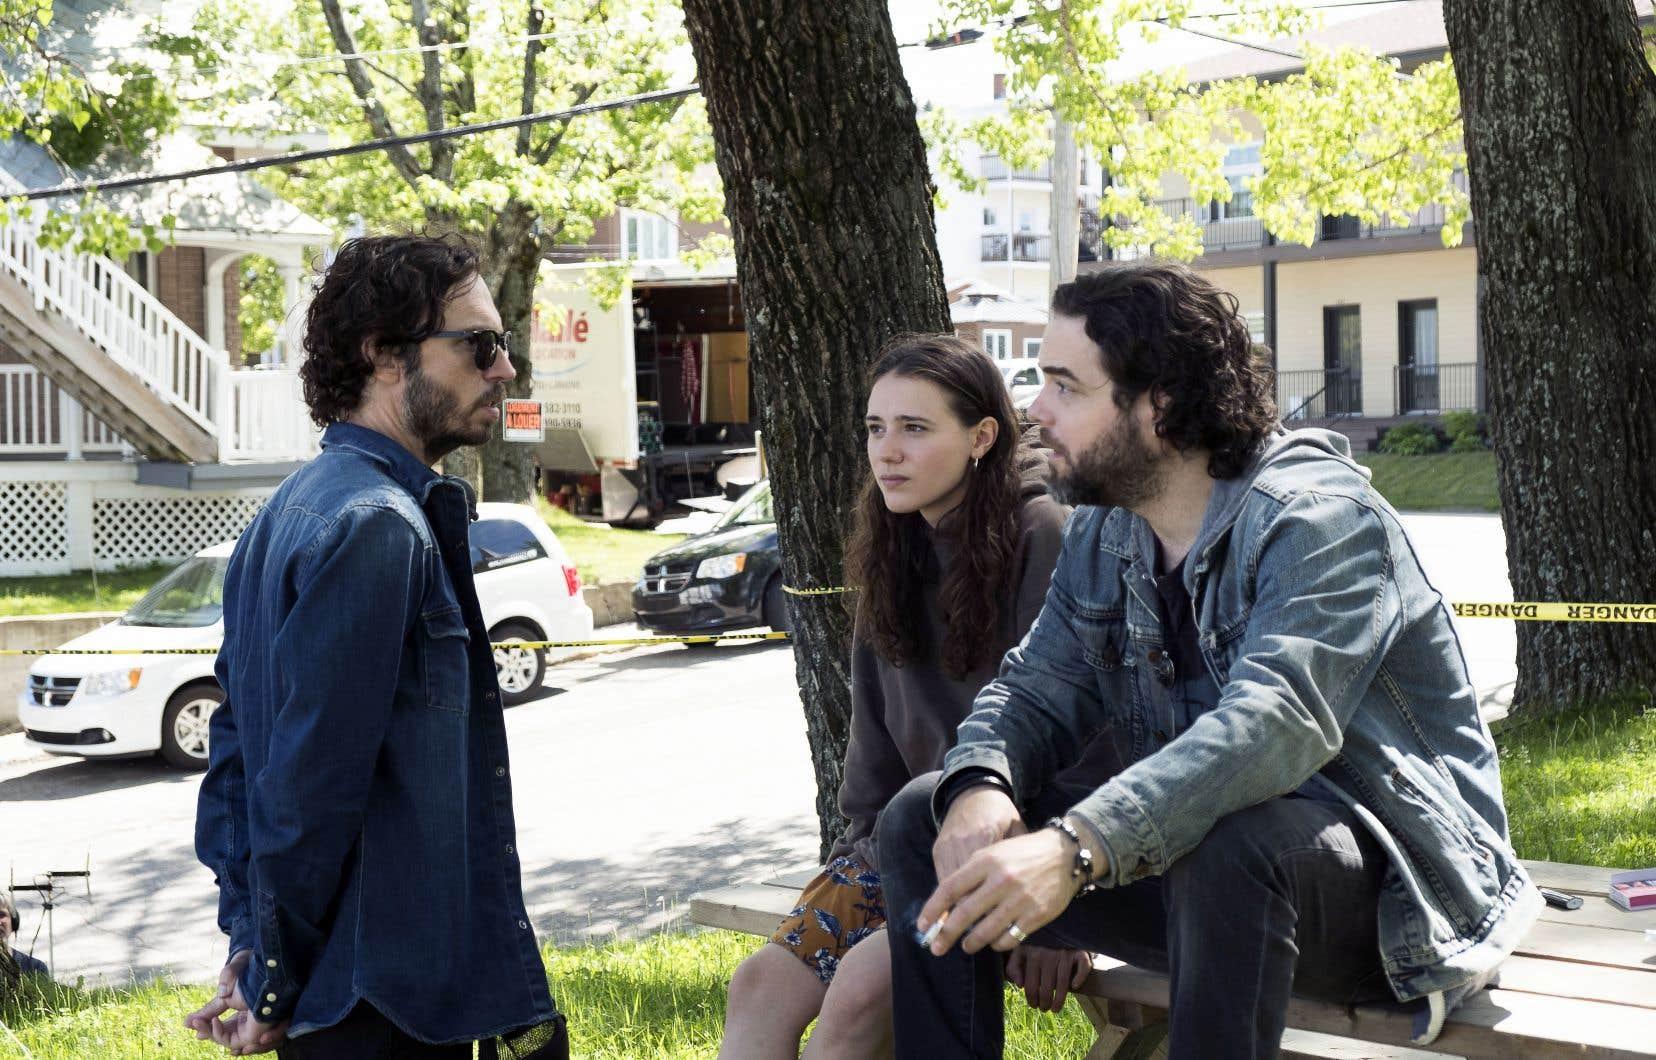 Le réalisateur Sébastien Pilote avec deux des principaux acteurs, Karelle Tremblay, qui porte le film, et Pierre-Luc Brillant, lors du tournage de «La disparition des lucioles».